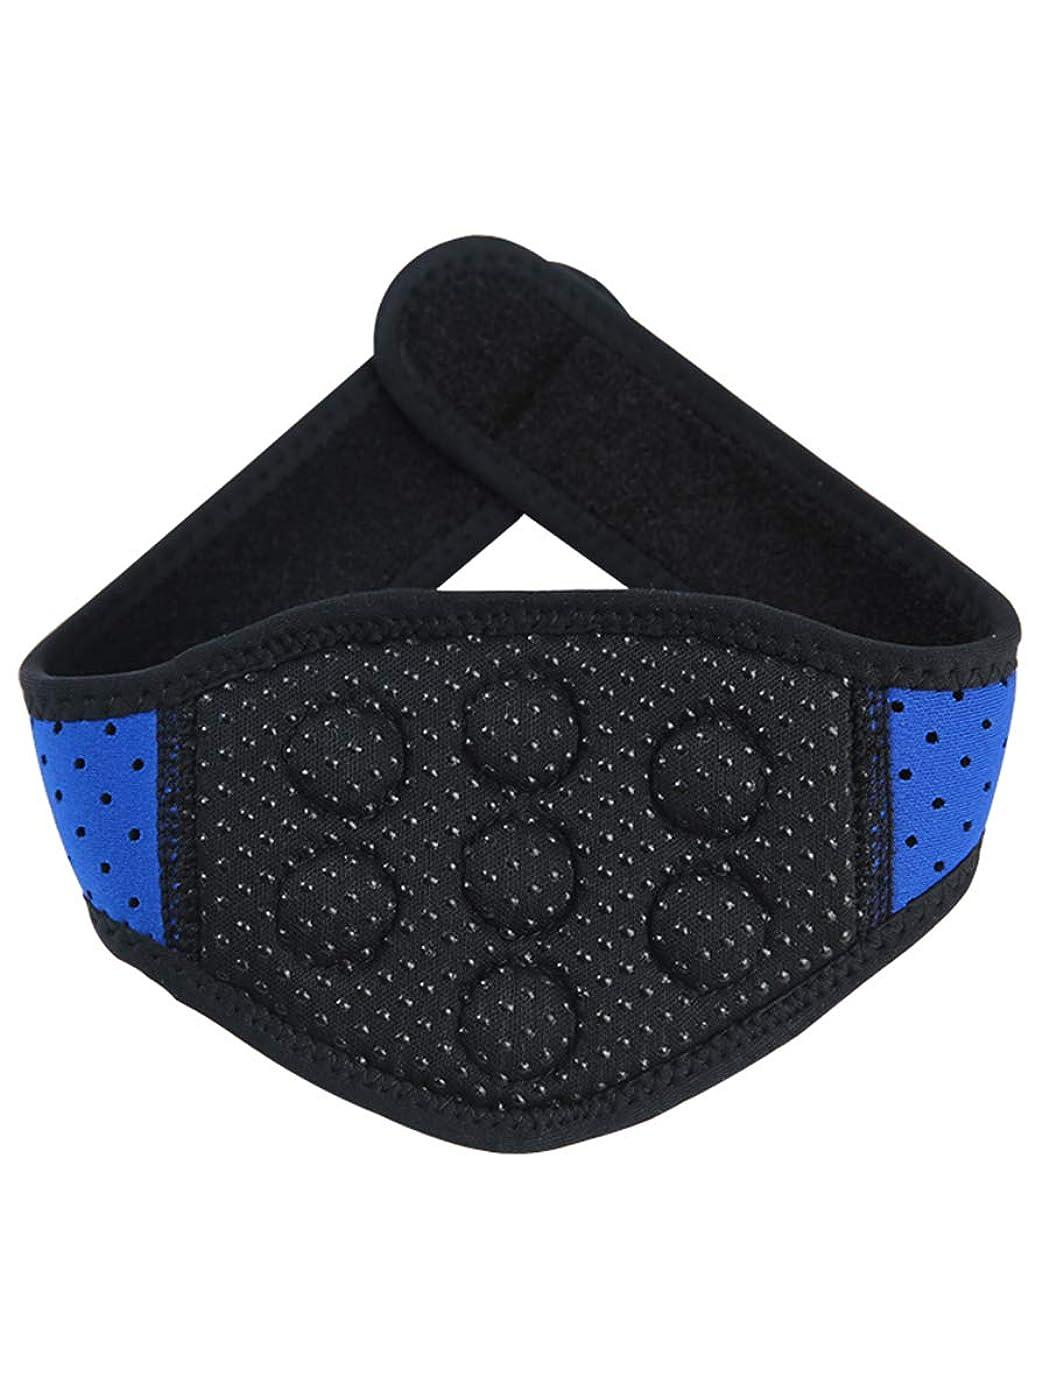 着る見つけるポインタ体を温めて首の頚椎の首を保護して保温して熱をつけて磁気療法の磁気治療の頸の頸椎の首を持って首の骨を持って大人の快適な男の人の家庭用です [並行輸入品]